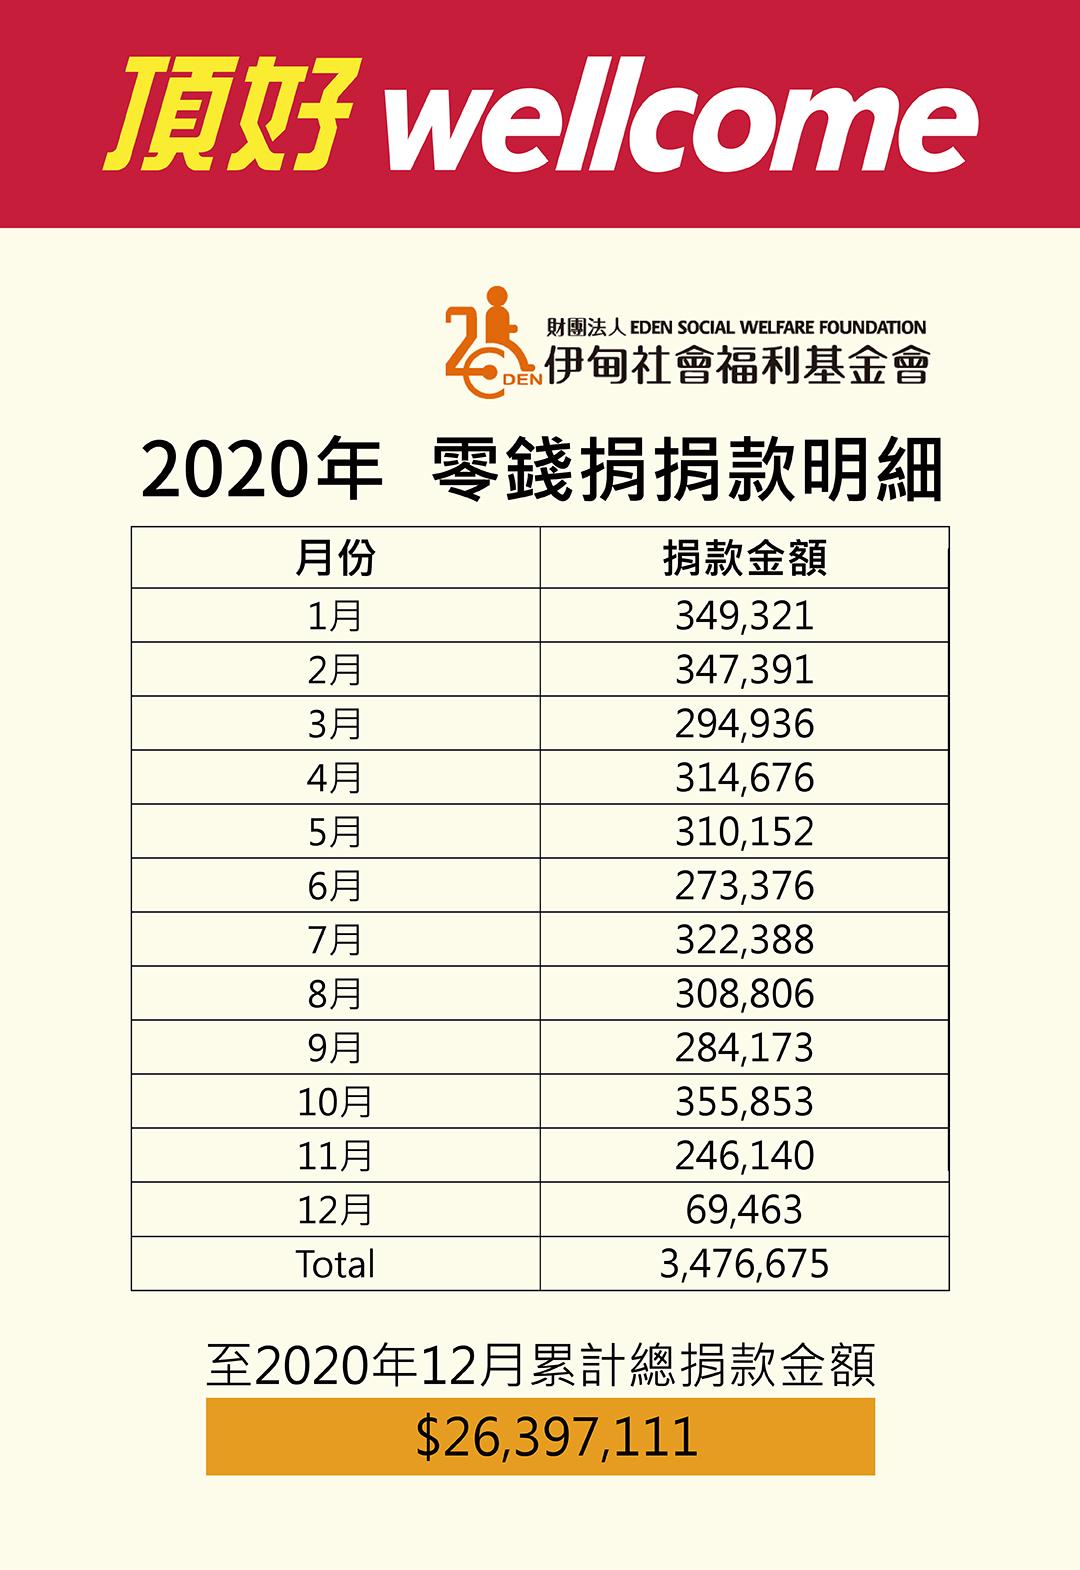 2020伊甸園零錢捐明細